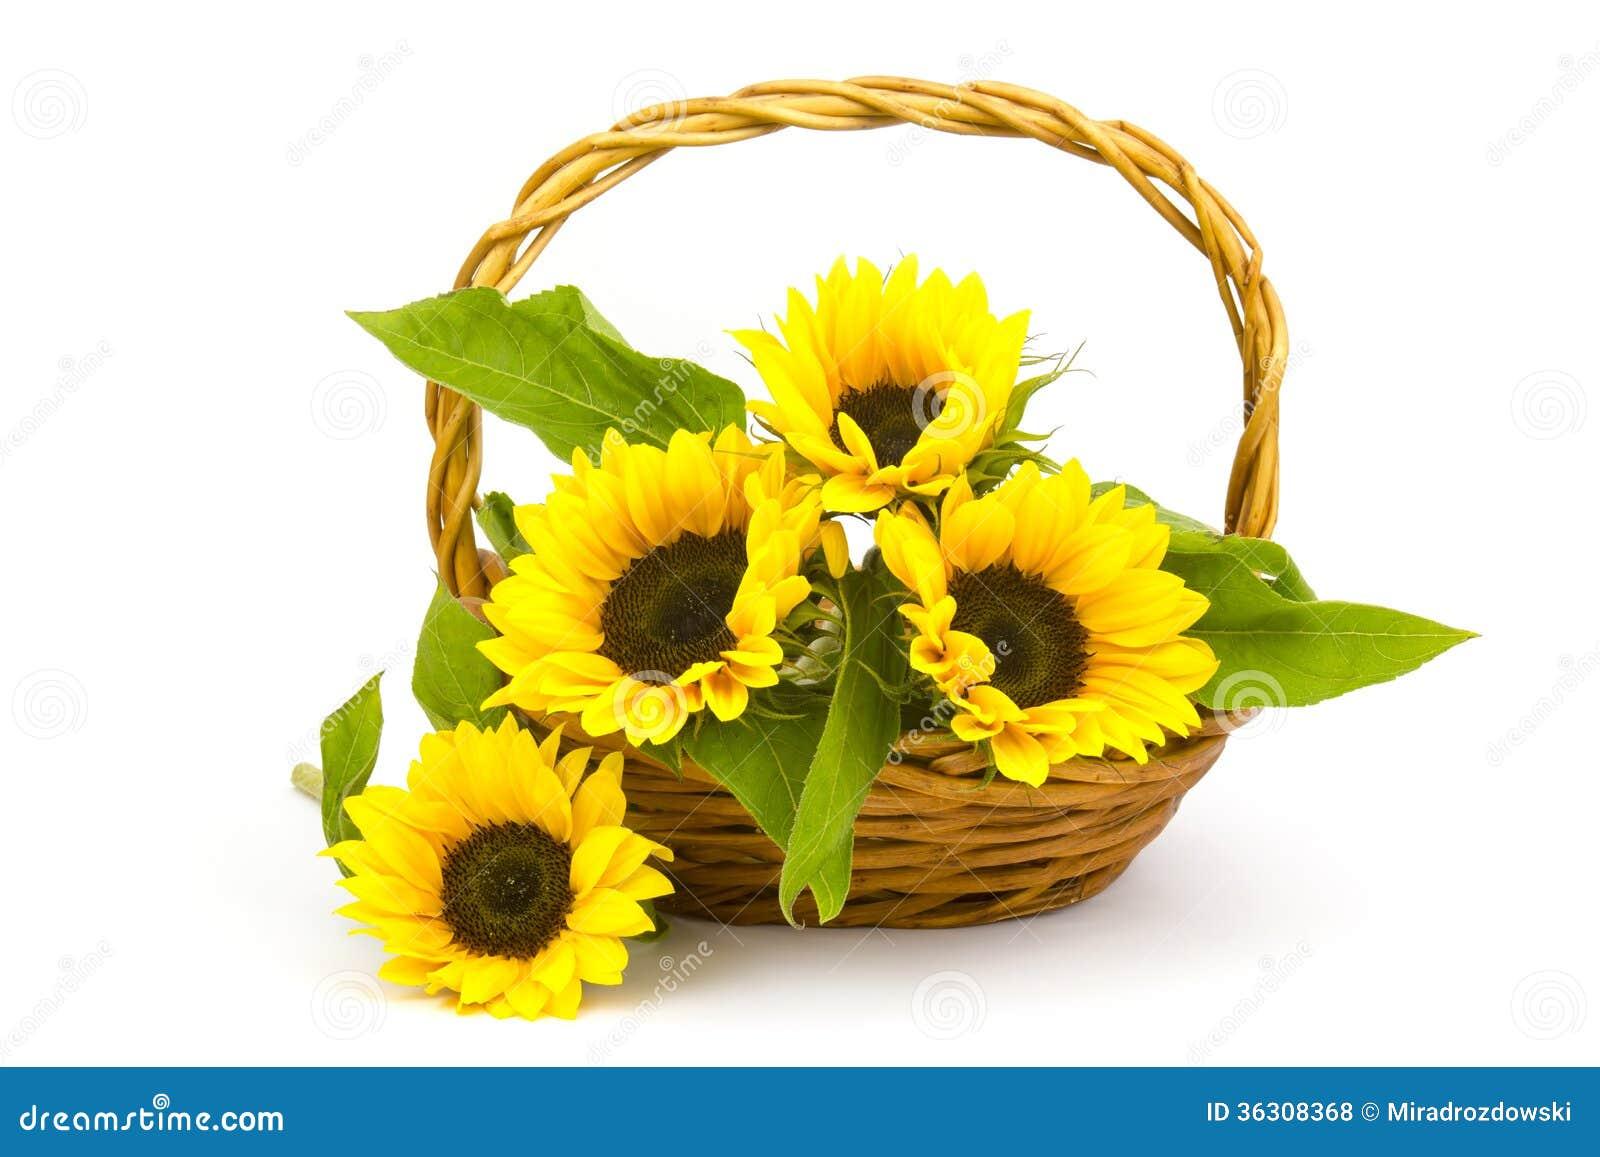 bouquet de tournesol dans un panier photos libres de droits image 36308368. Black Bedroom Furniture Sets. Home Design Ideas